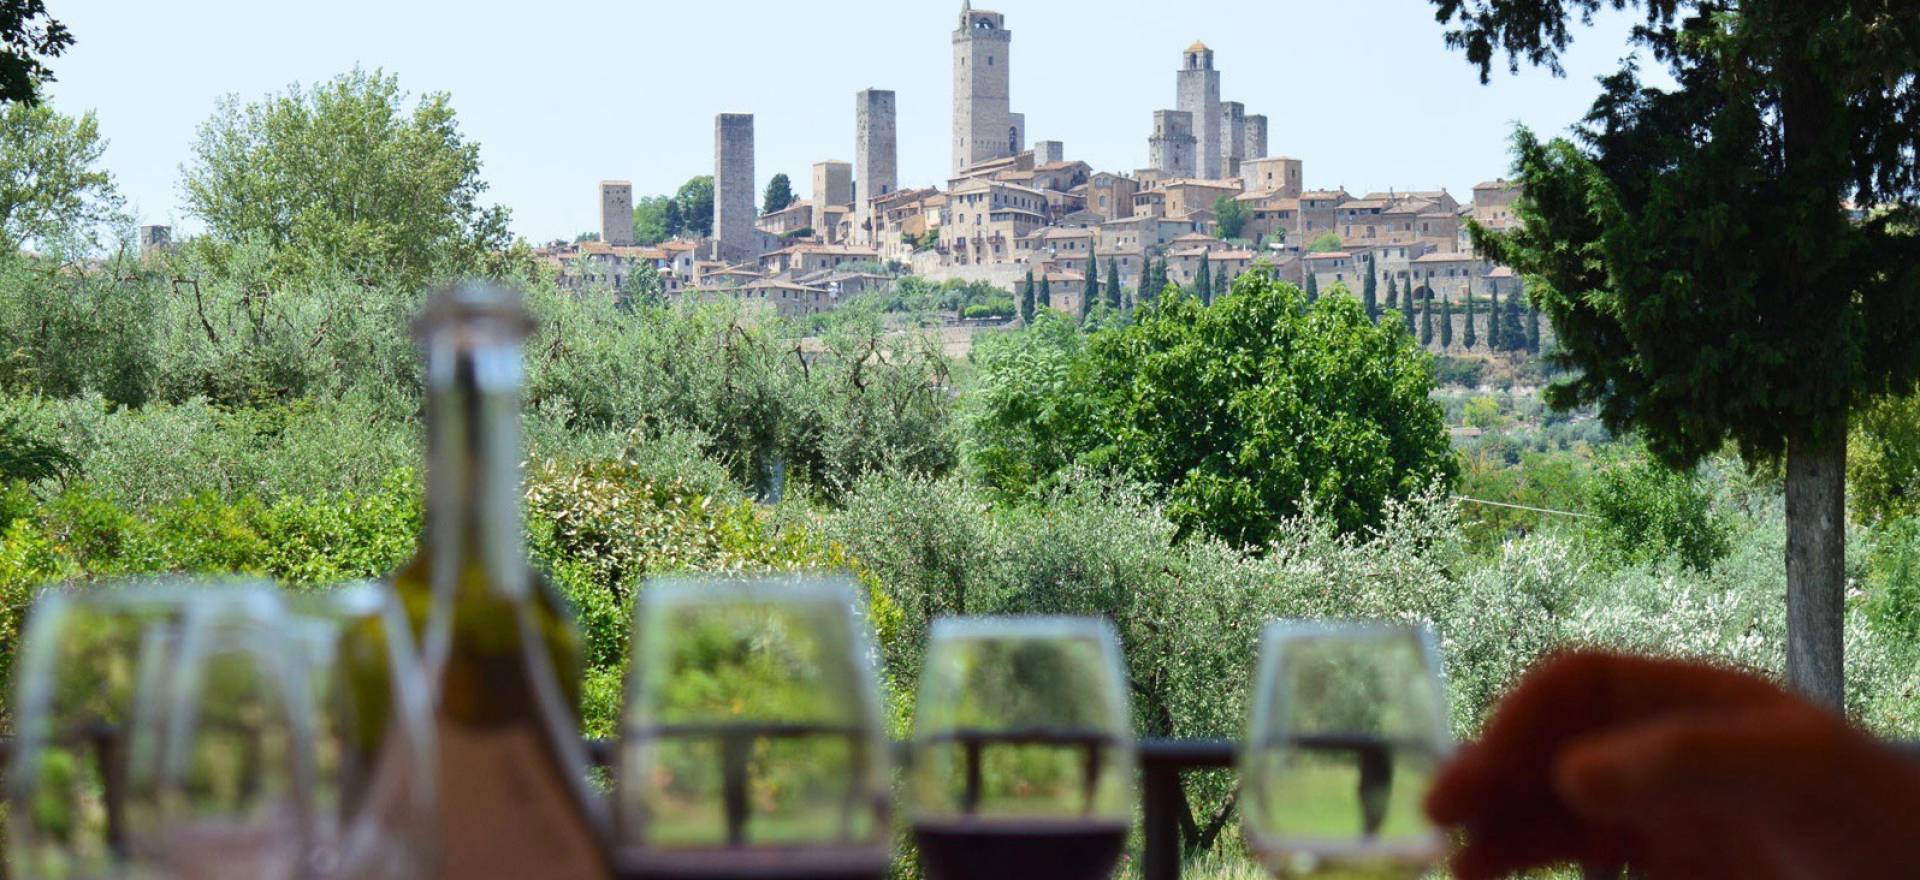 Agriturismo Toscane Agriturismo San Gimignano met romantisch interieur